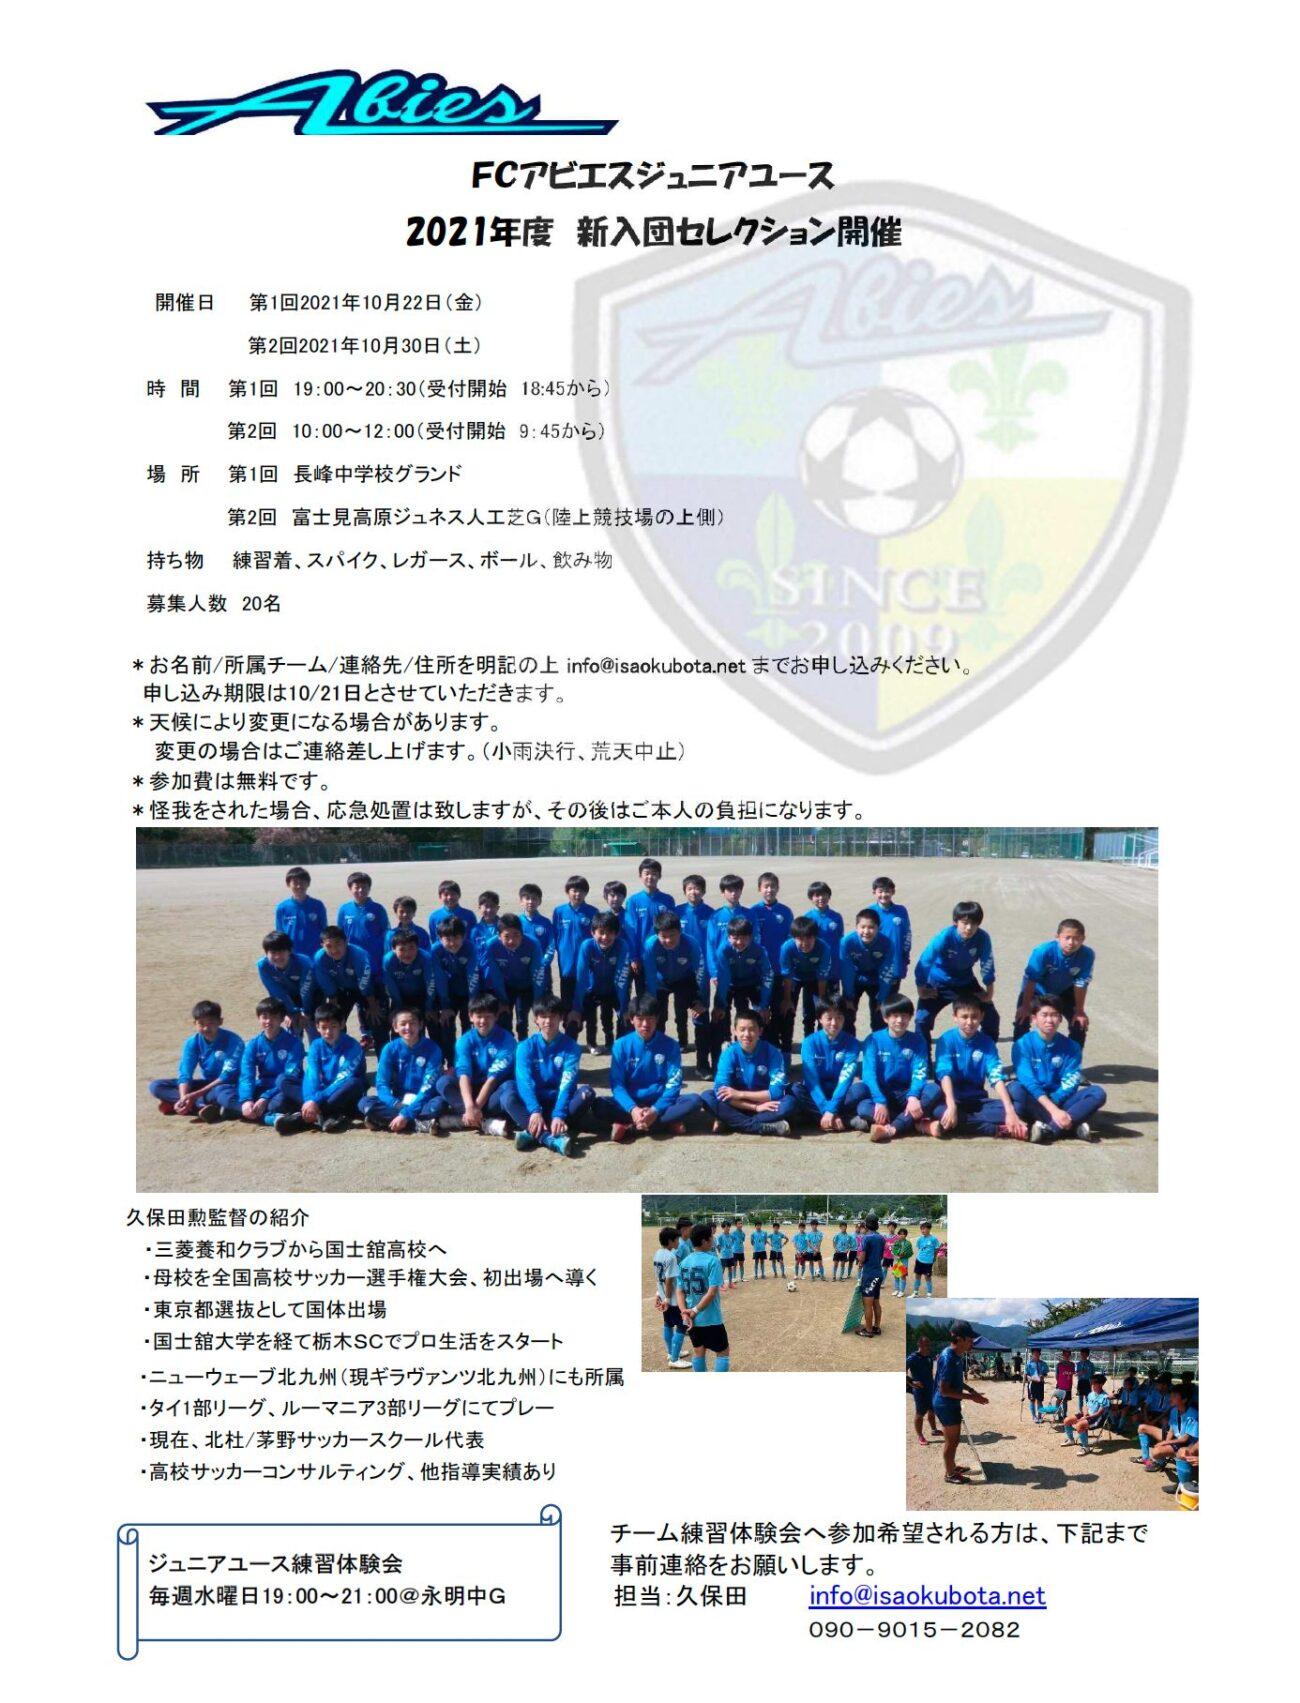 FCアビエスジュニアユース第1回・第2回新入団セレクション&説明会